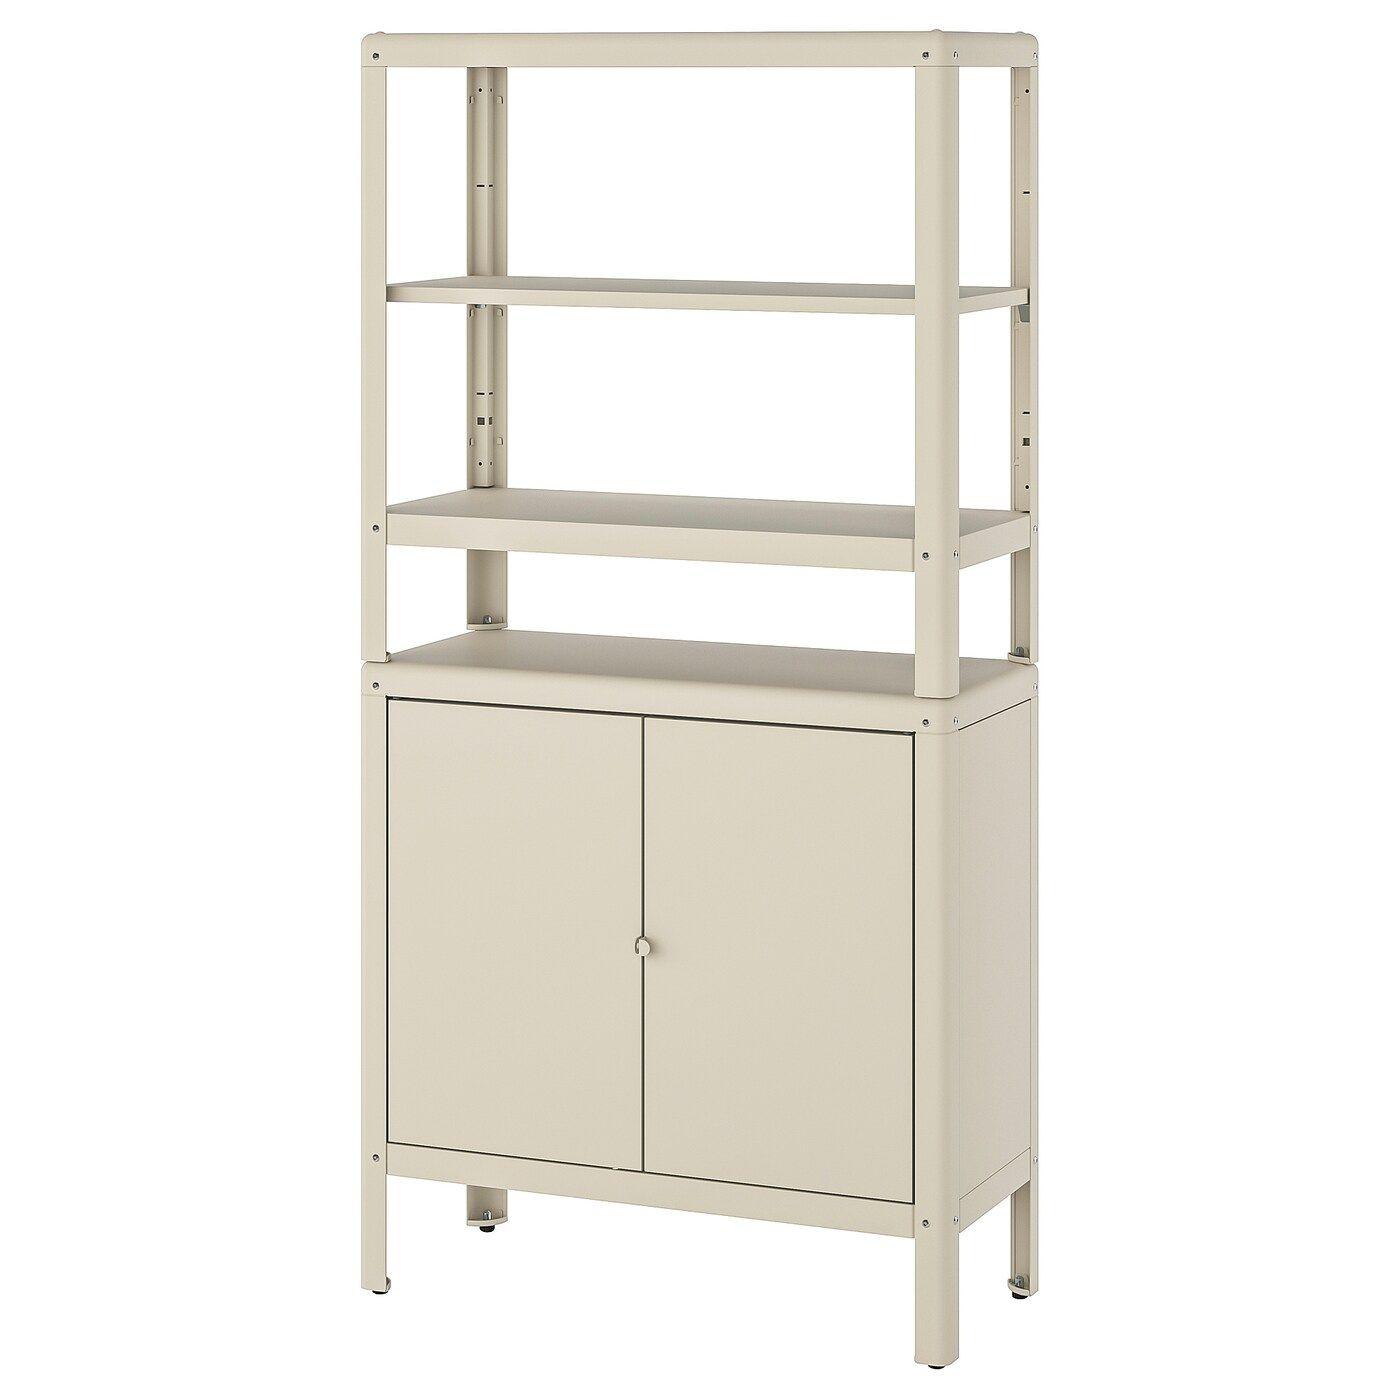 Kolbjorn Shelving Unit With Cabinet Beige Ikea Switzerland In 2020 Shelves Beige Shelves Shelving Unit